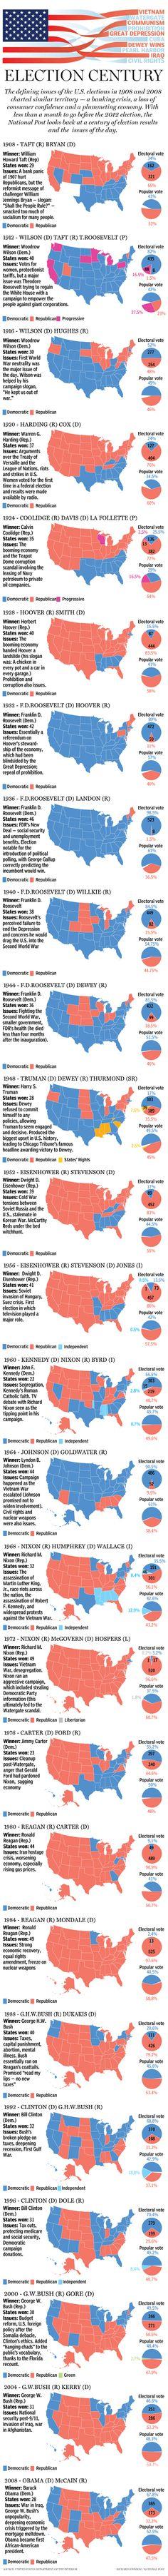 Election Century